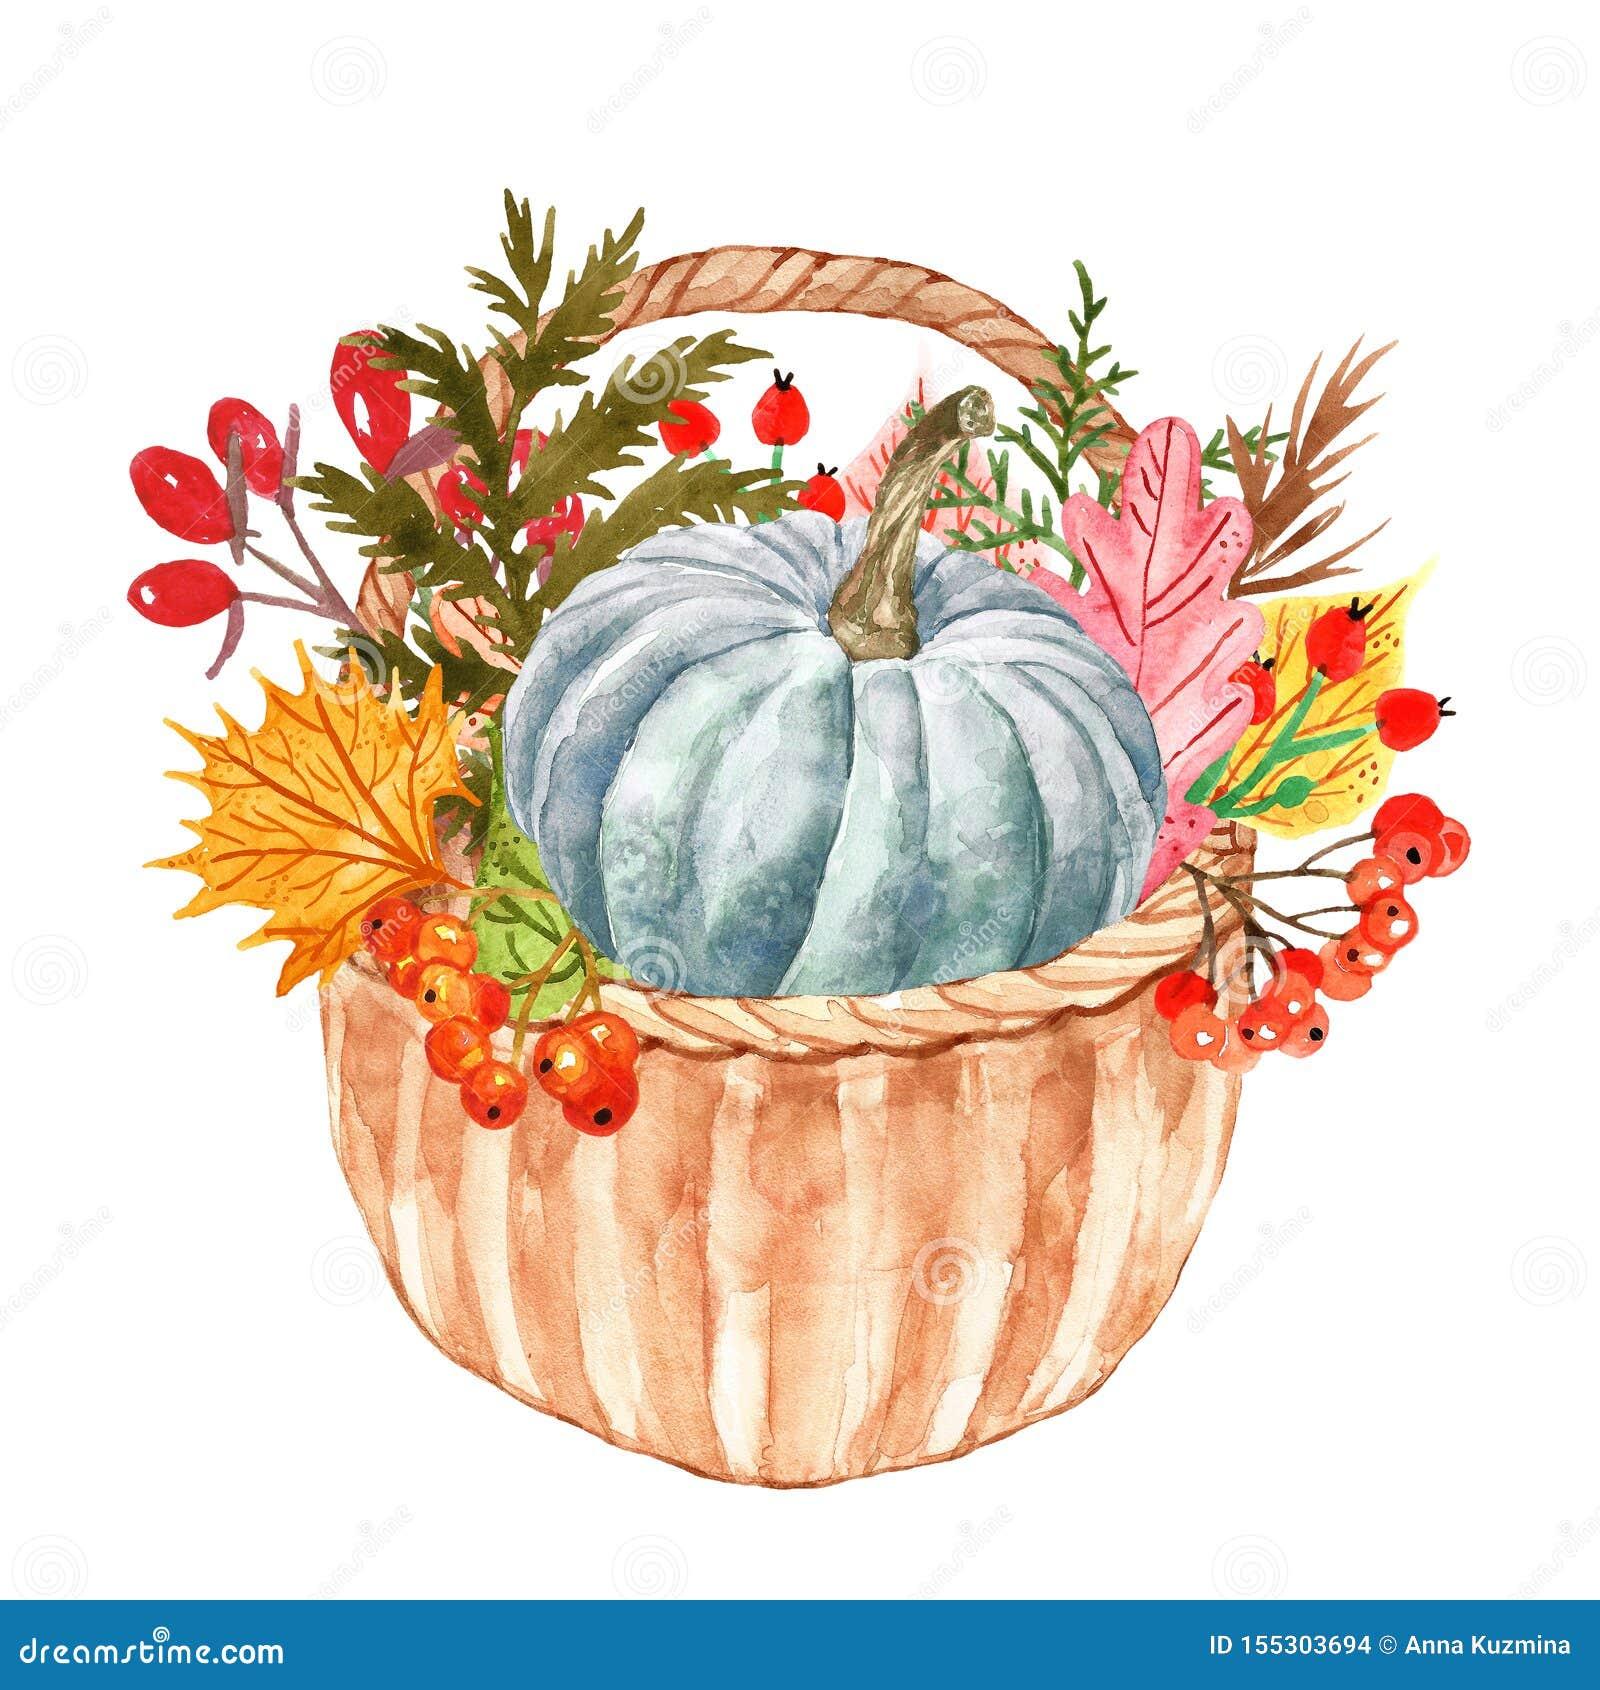 Φυτά και φύλλα φθινοπώρου Watercolor στο καλάθι Ζωηρόχρωμο πορτοκαλί, κίτρινο και κόκκινο φύλλο δασικών δέντρων με τα κόκκινα μού